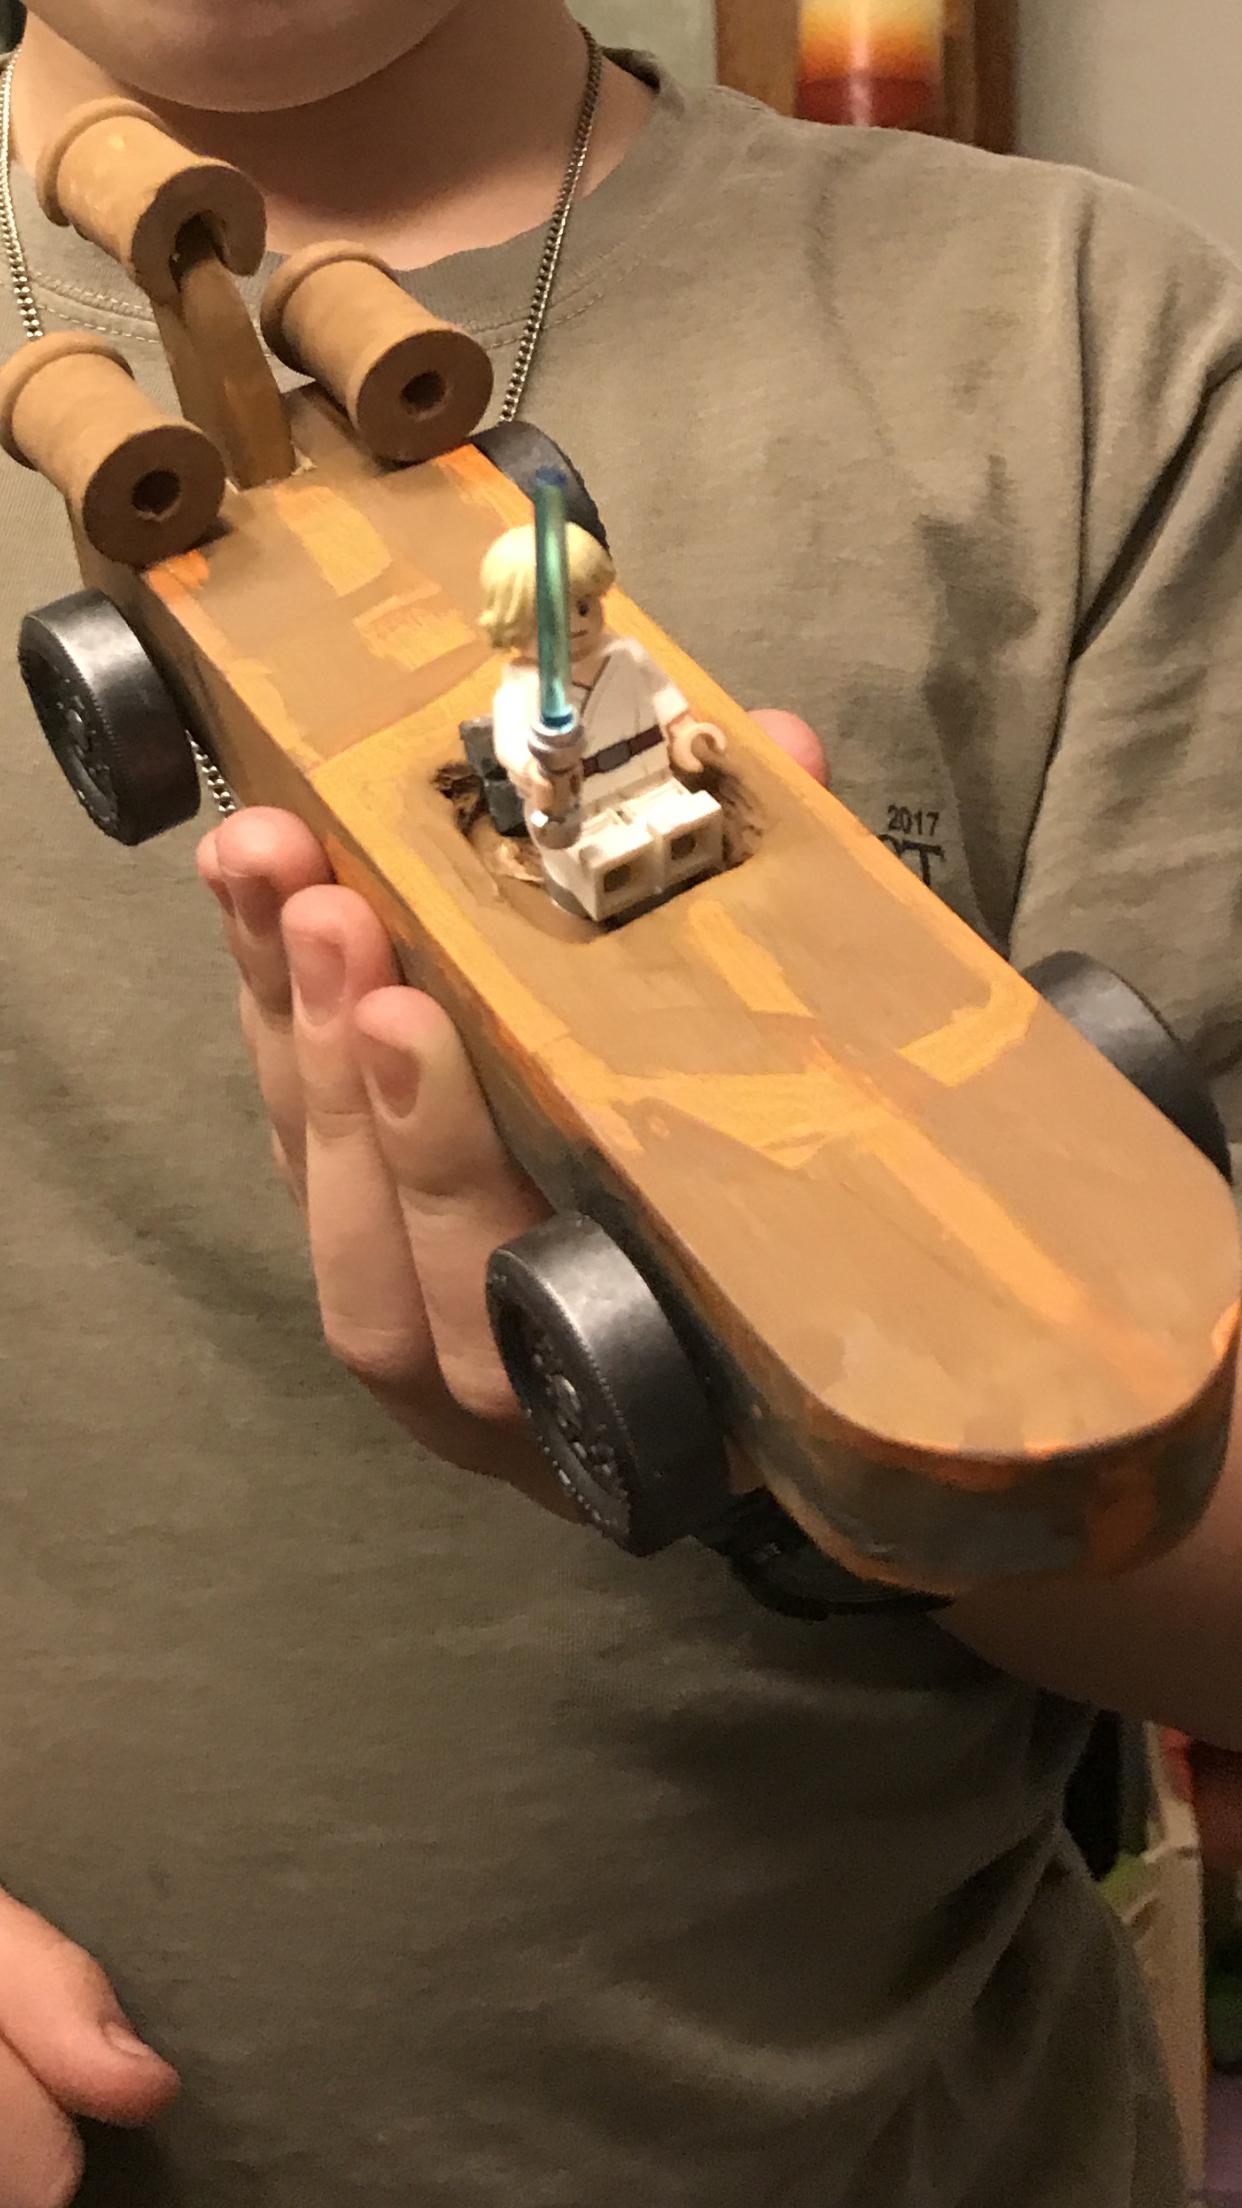 Luke's Speeder